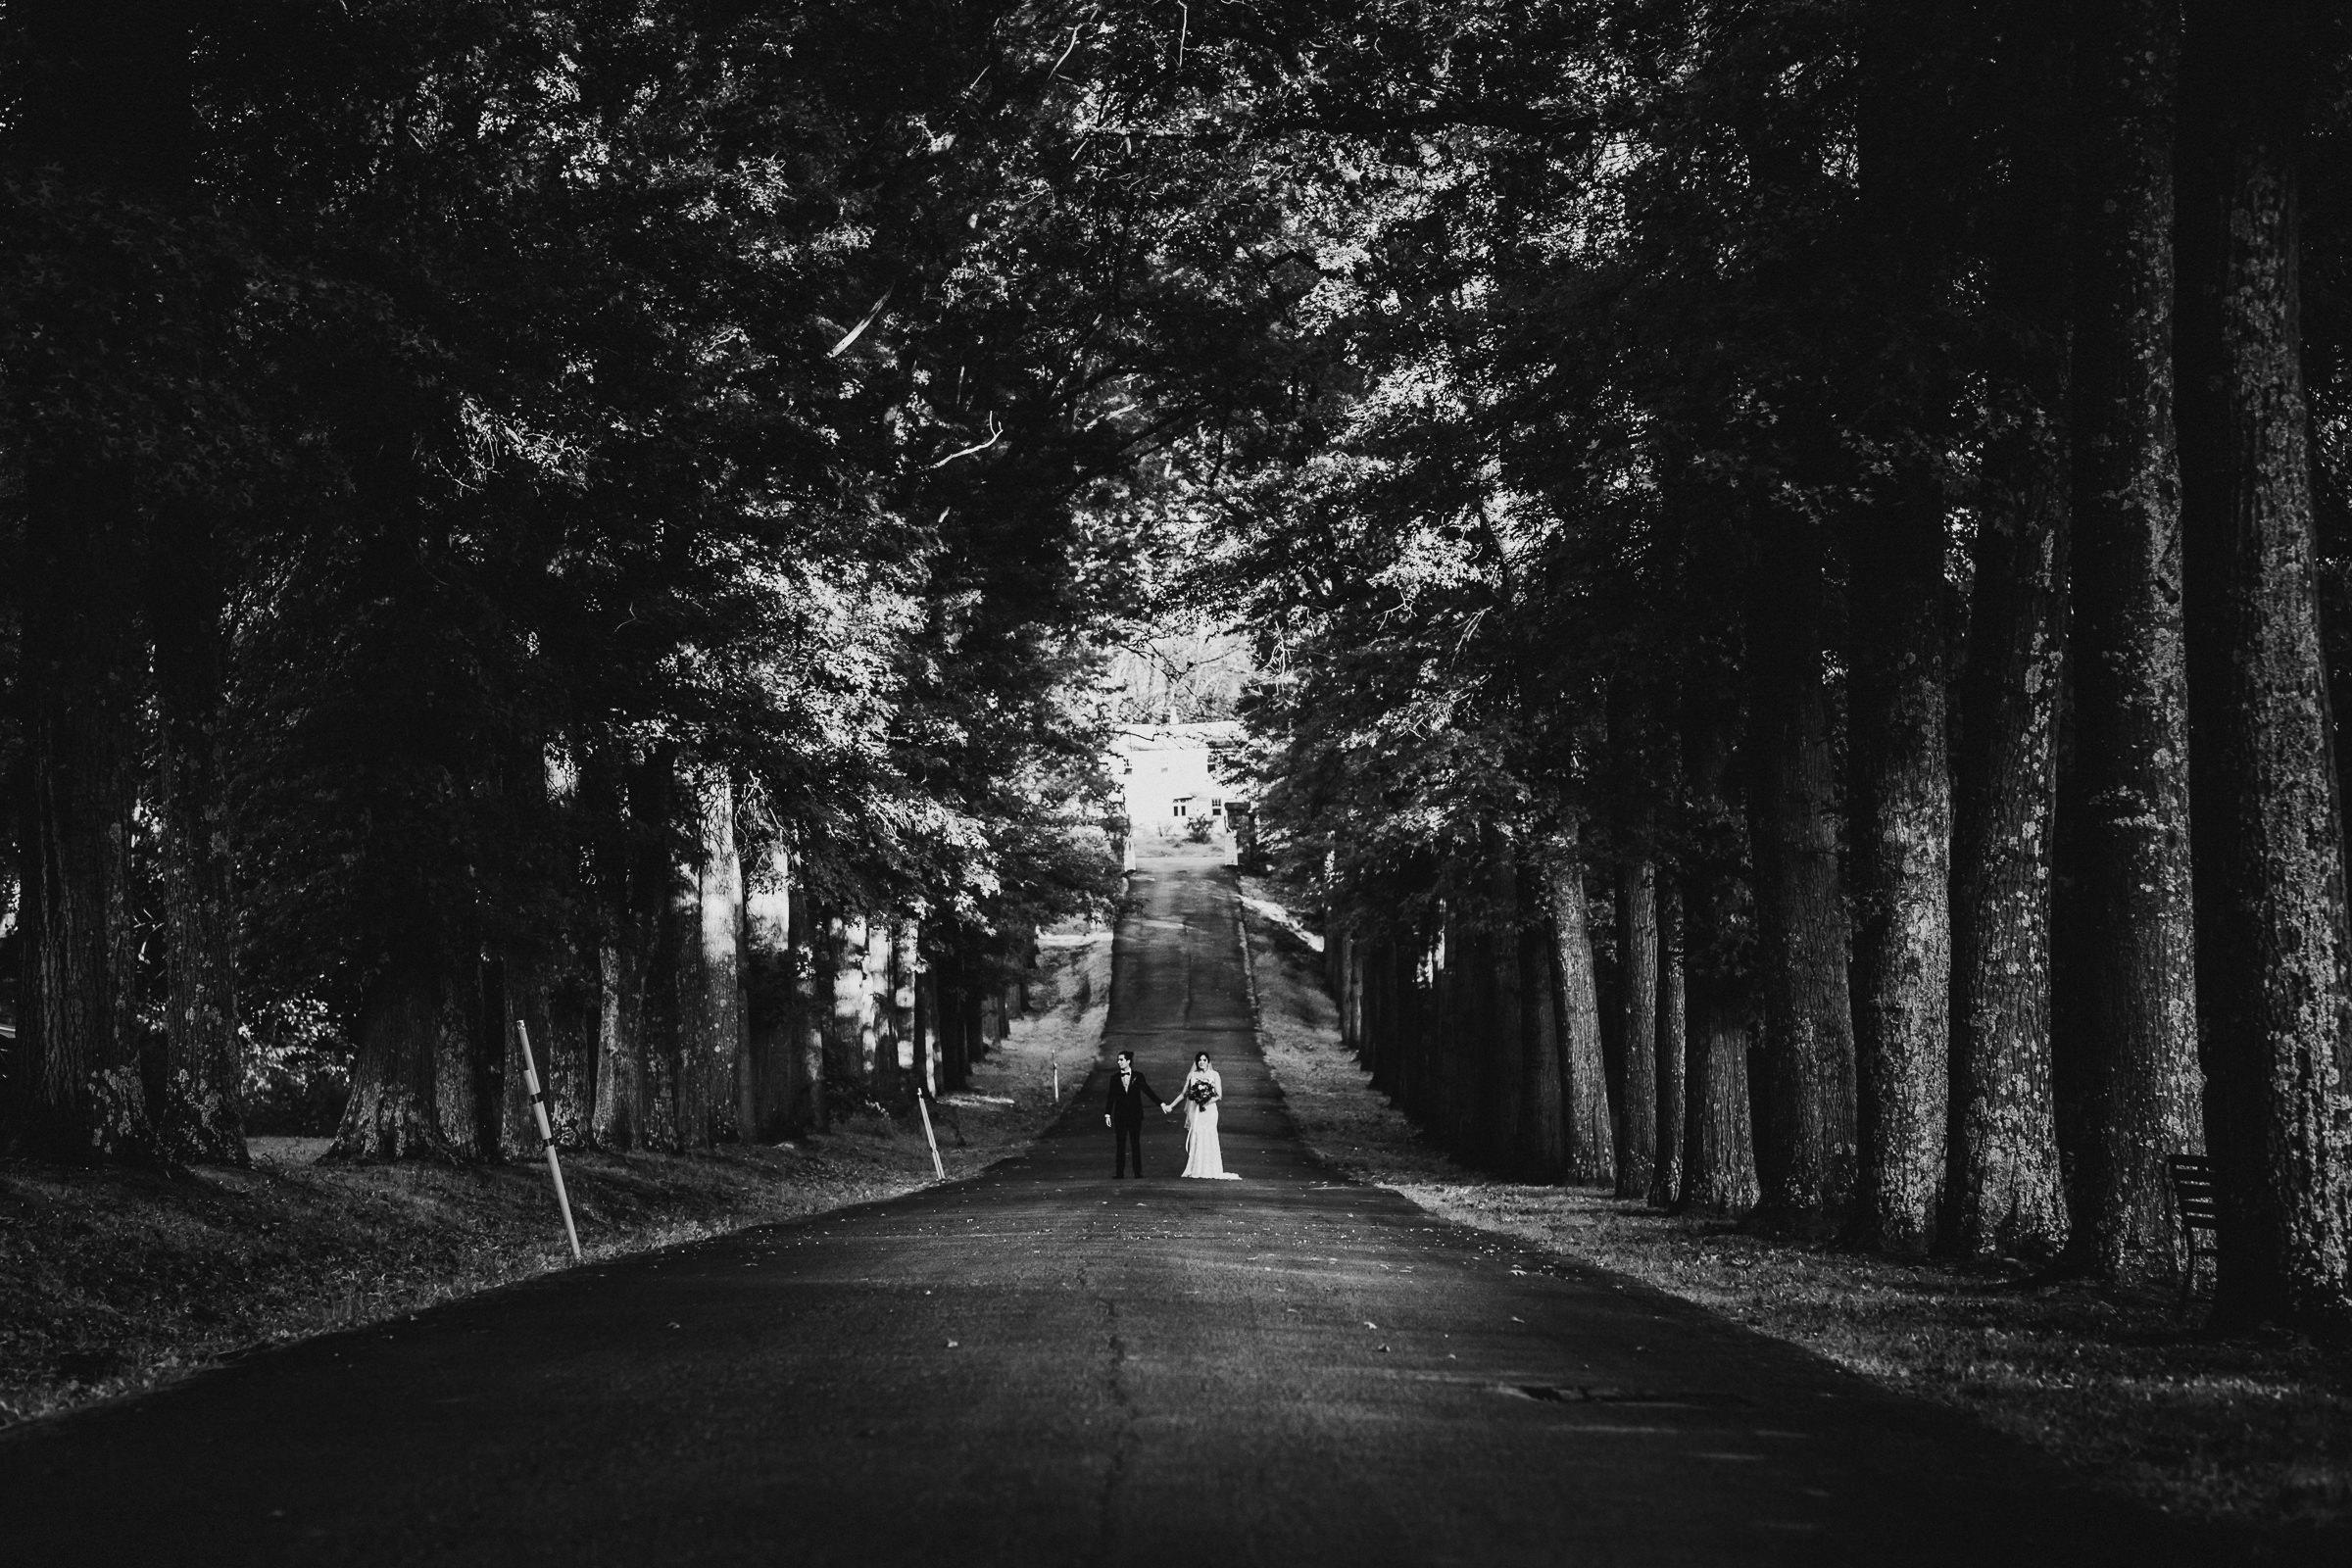 Arrow-Park-Monroe-NY-Documentary-Wedding-Photographer-64.jpg